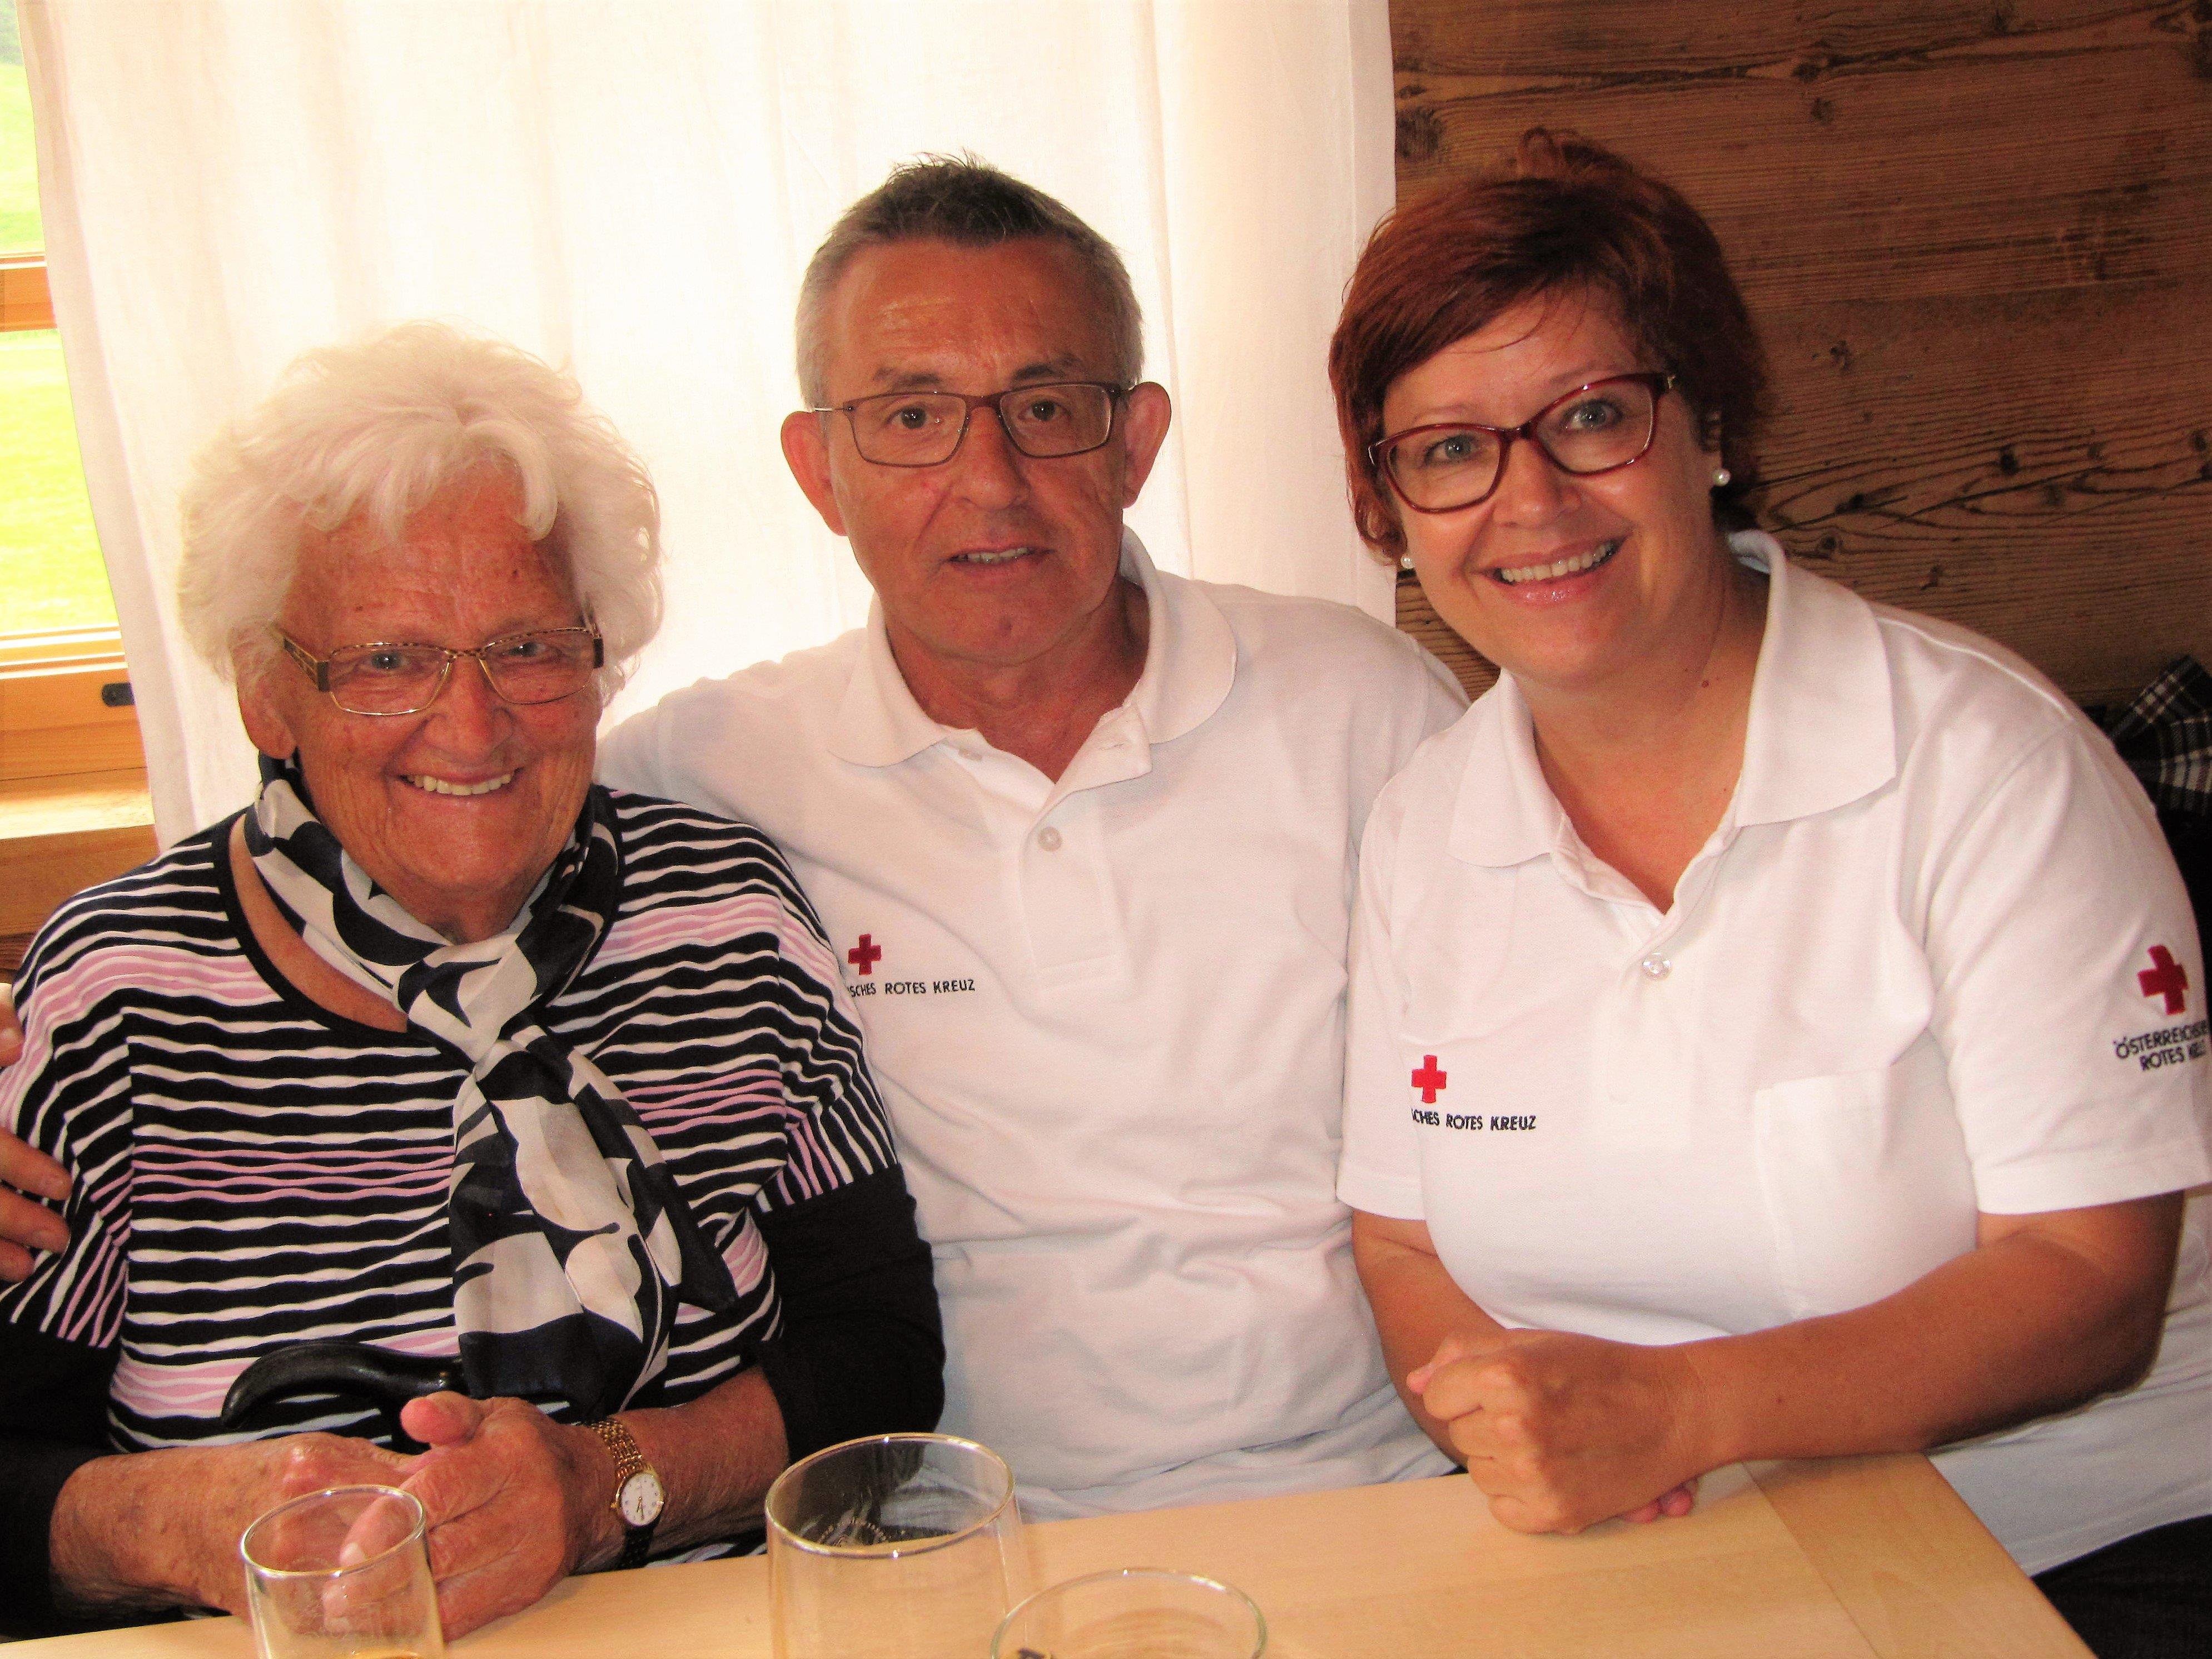 Beim Käsknöpfe essen gab es auch so manches Schwätzchen - Doris Schütz und Franz Reinpacher mit Seniorin.